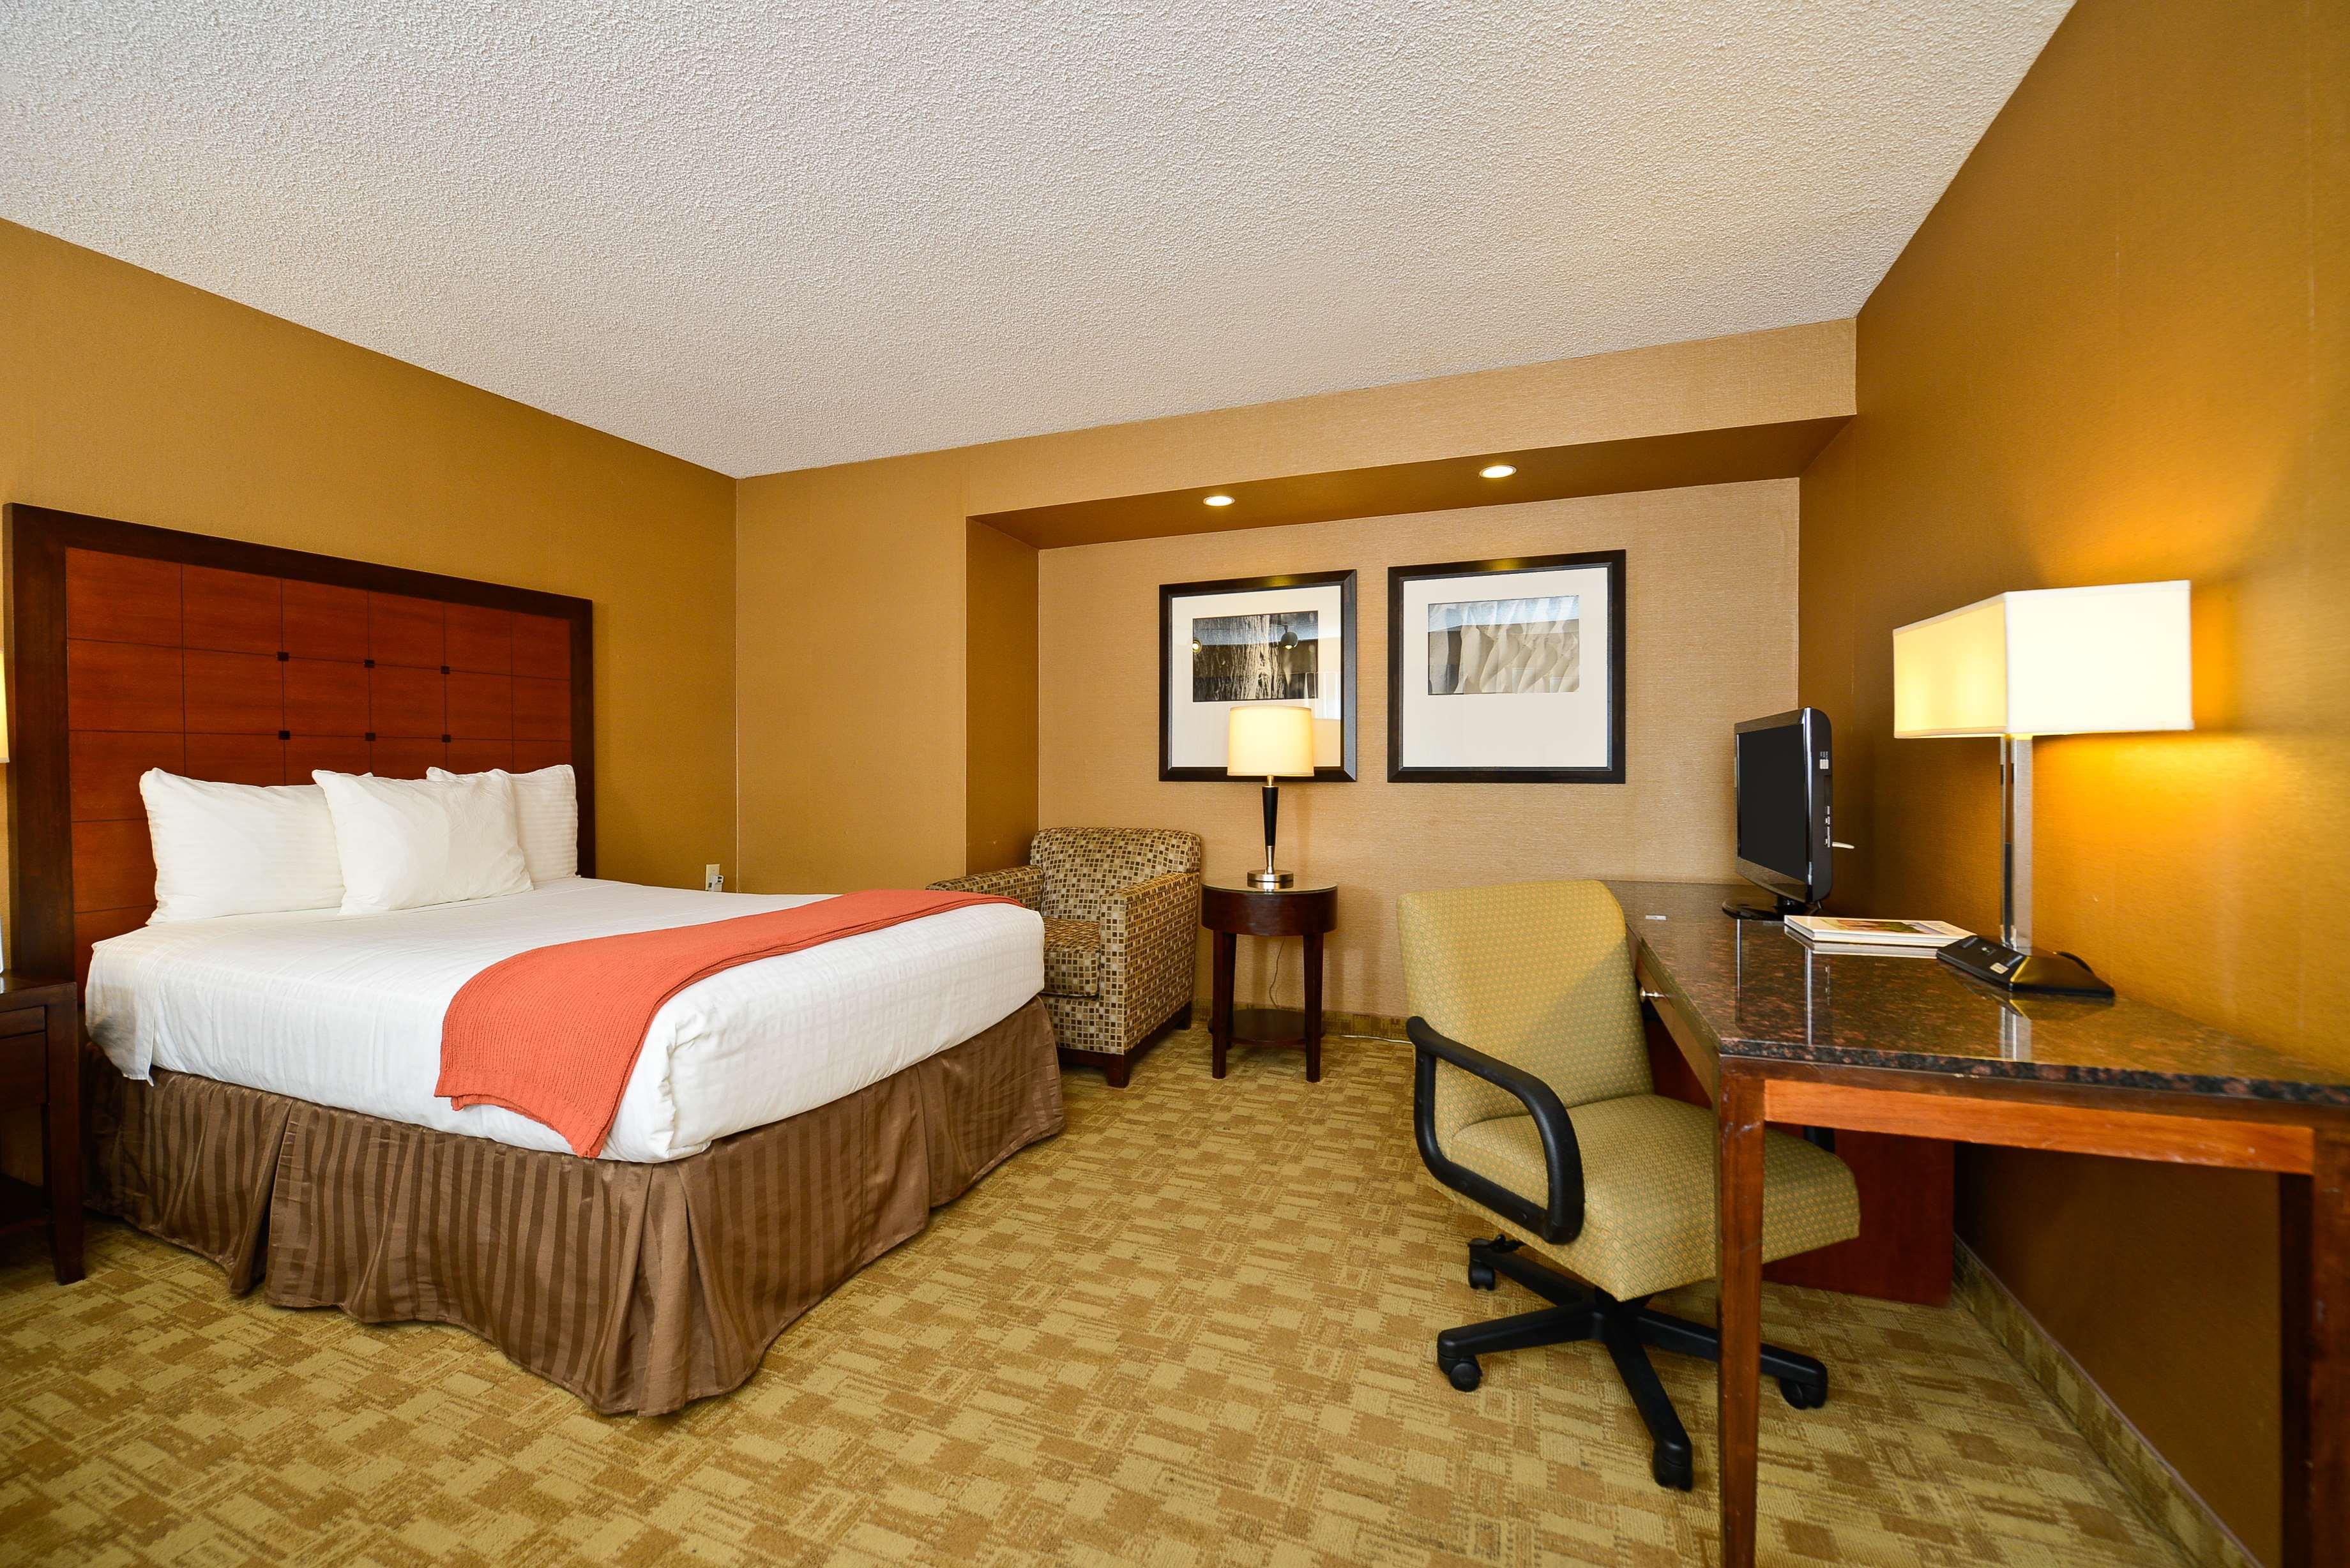 Best Western Inn at Palm Springs image 28